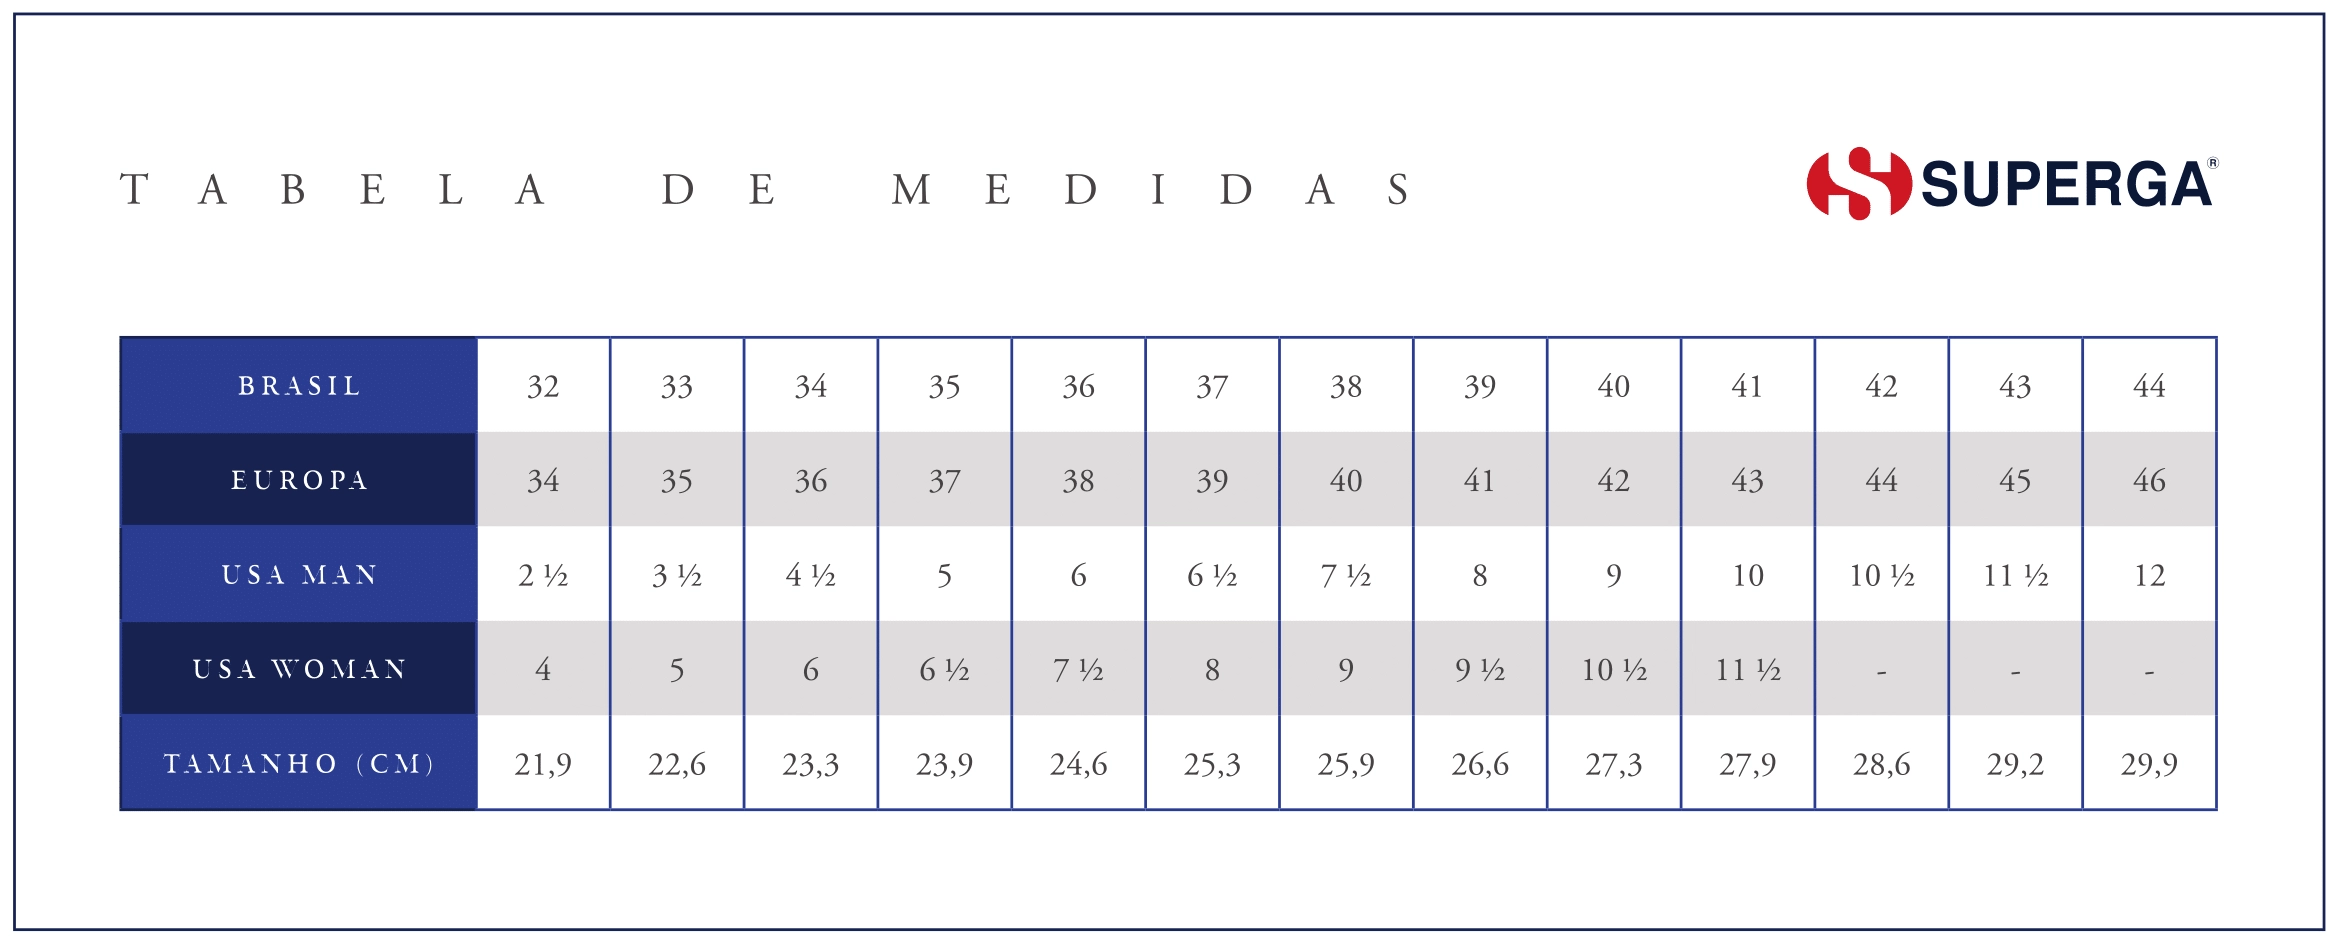 Tabela de Medida Superga